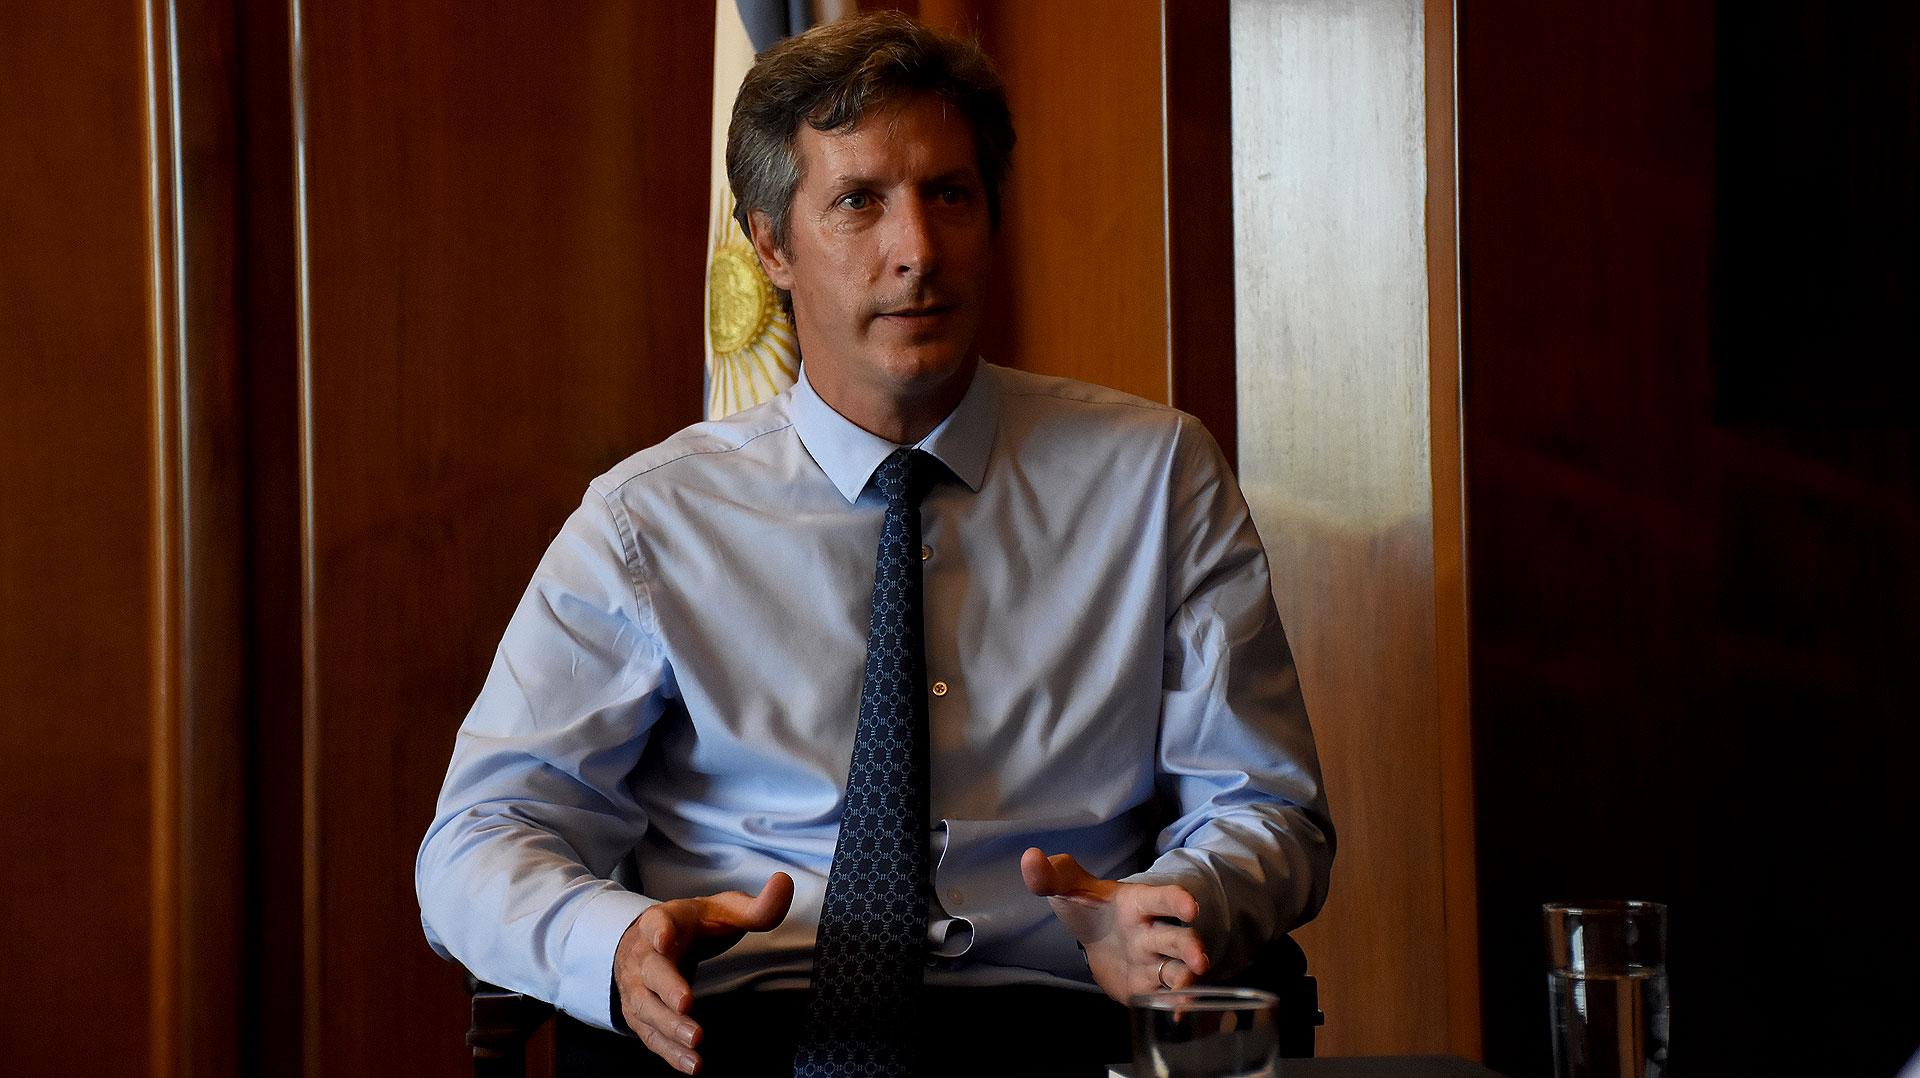 El secretario de Finanzas, Santiago Bausili, ya cuenta con los recursos para administrar la cobertura de vencimientos de la deuda pública hasta el próximo giro del FMI (Nicolás Stulberg)